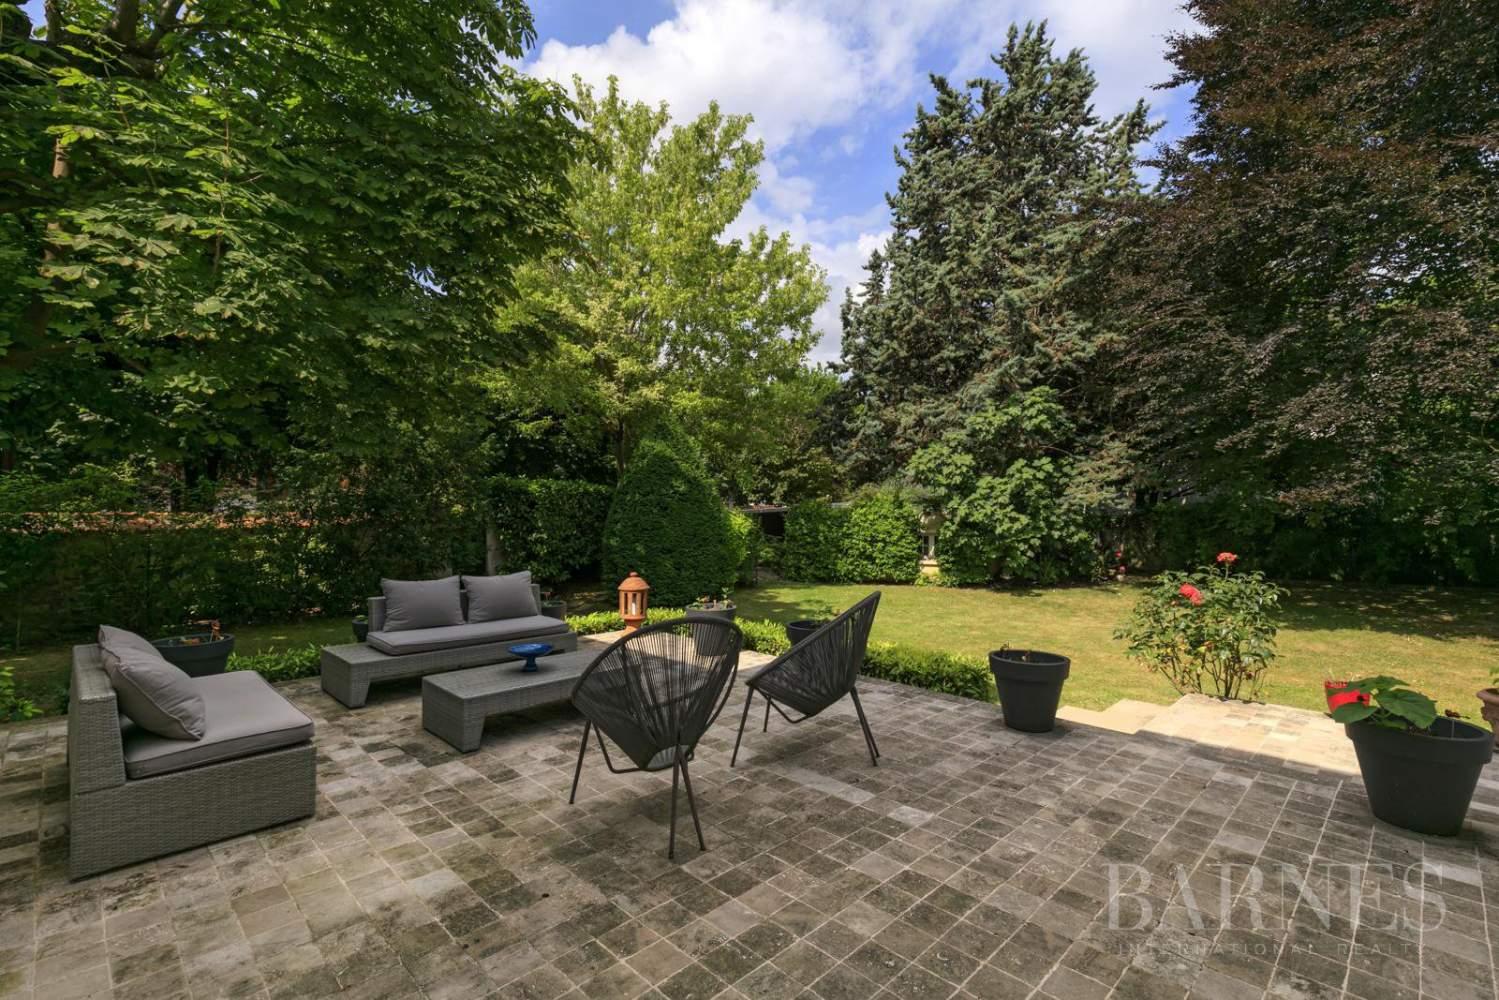 LA VARENNE SAINT-HILAIRE - Triangle d'Or - PROPRIETE  D'EXCEPTION 250 m²  EDIFIEE SUR 920 m² picture 5